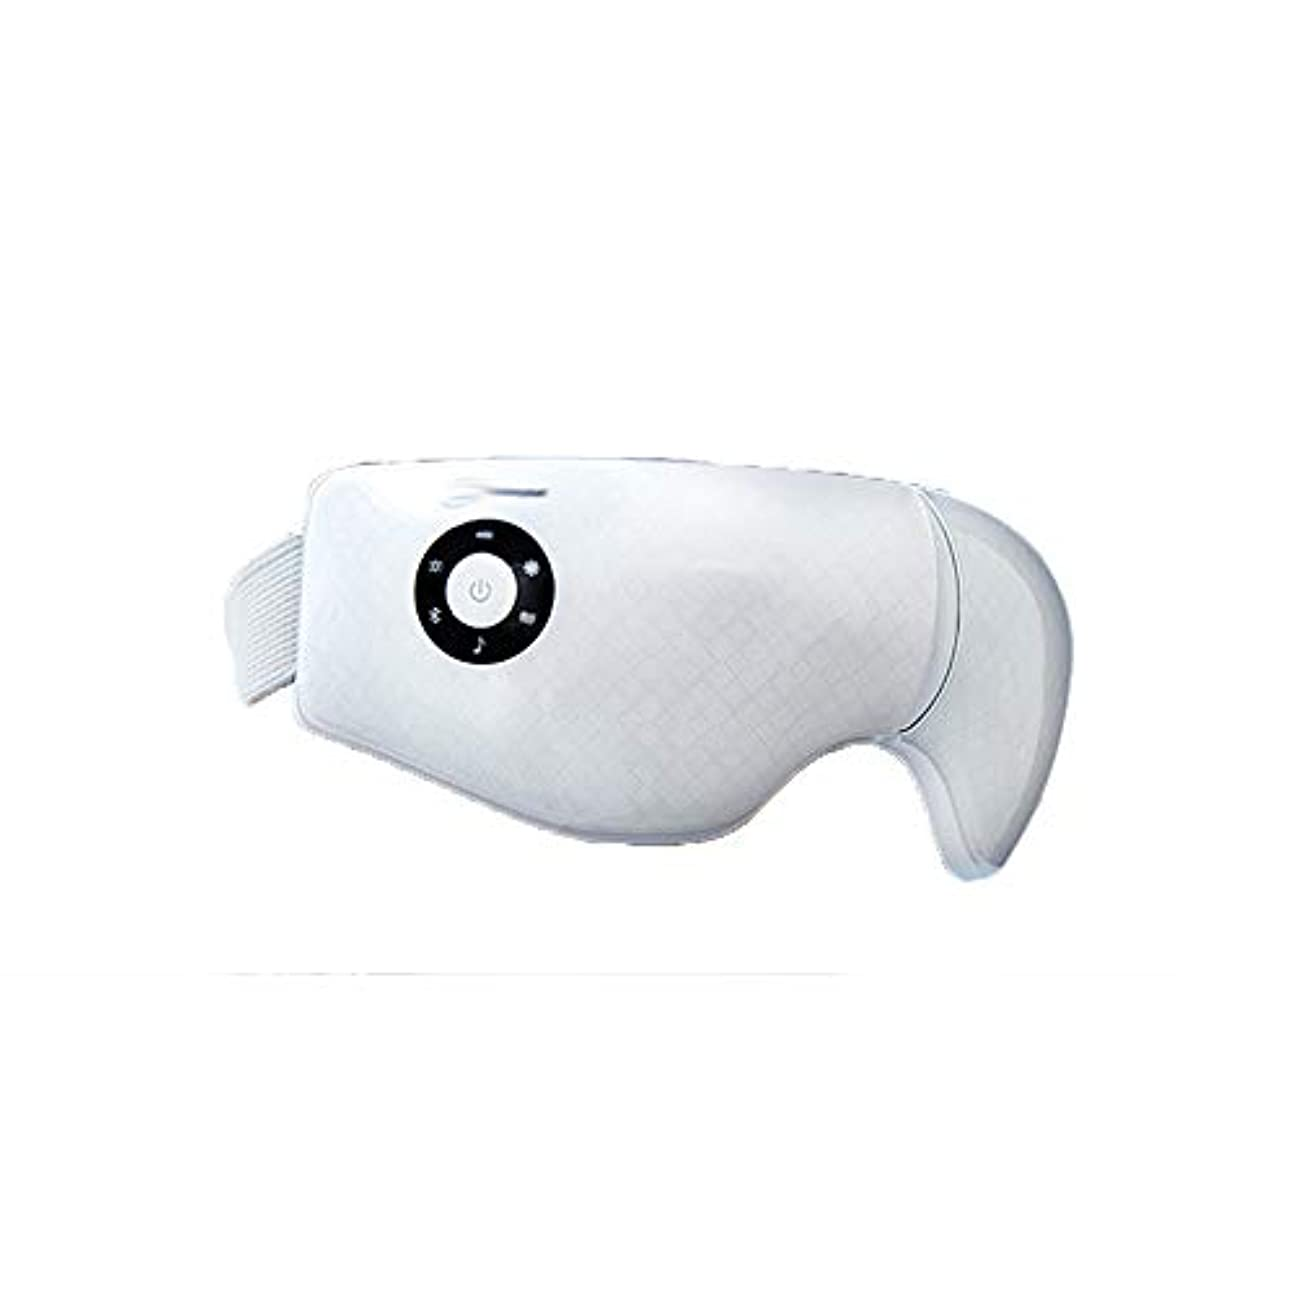 リベラル宣言レンジマッサージャー - マッサージャーは、黒丸を回復するために近視をホット圧縮します (Color : White)